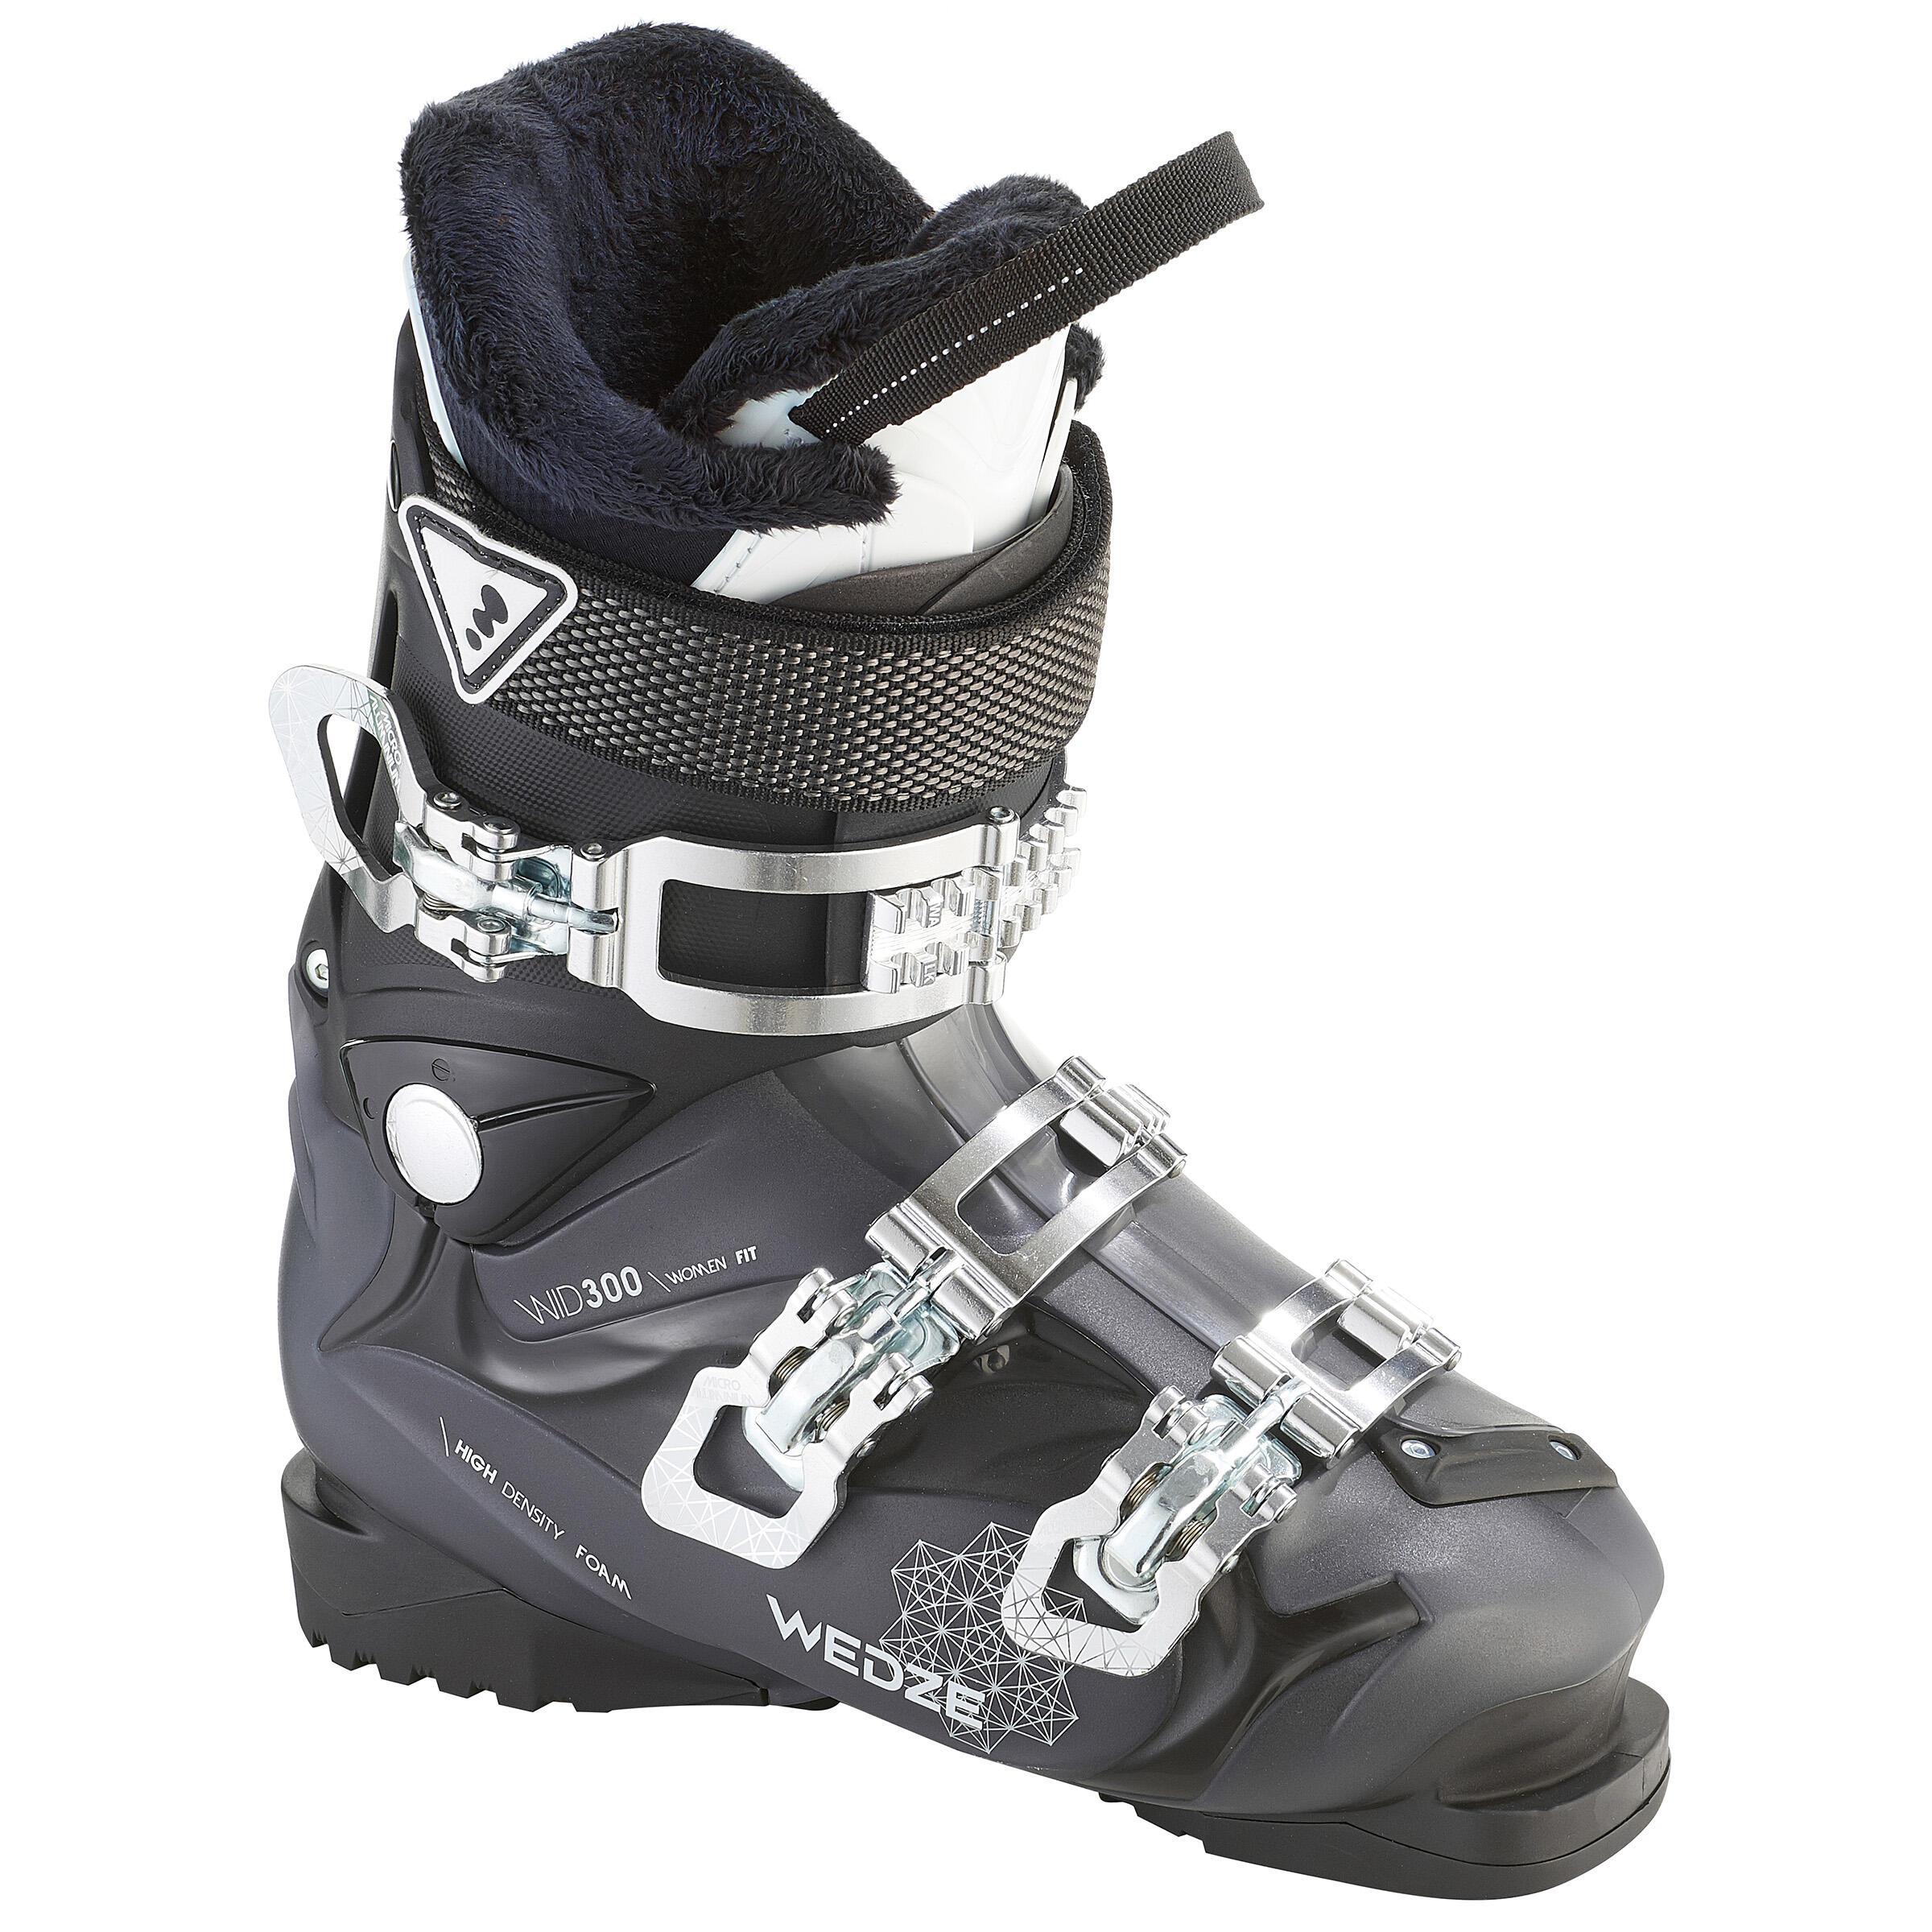 2351295 Wed ze Dames skischoenen voor pisteskiën SKI-P BOOT WID 300 zwart